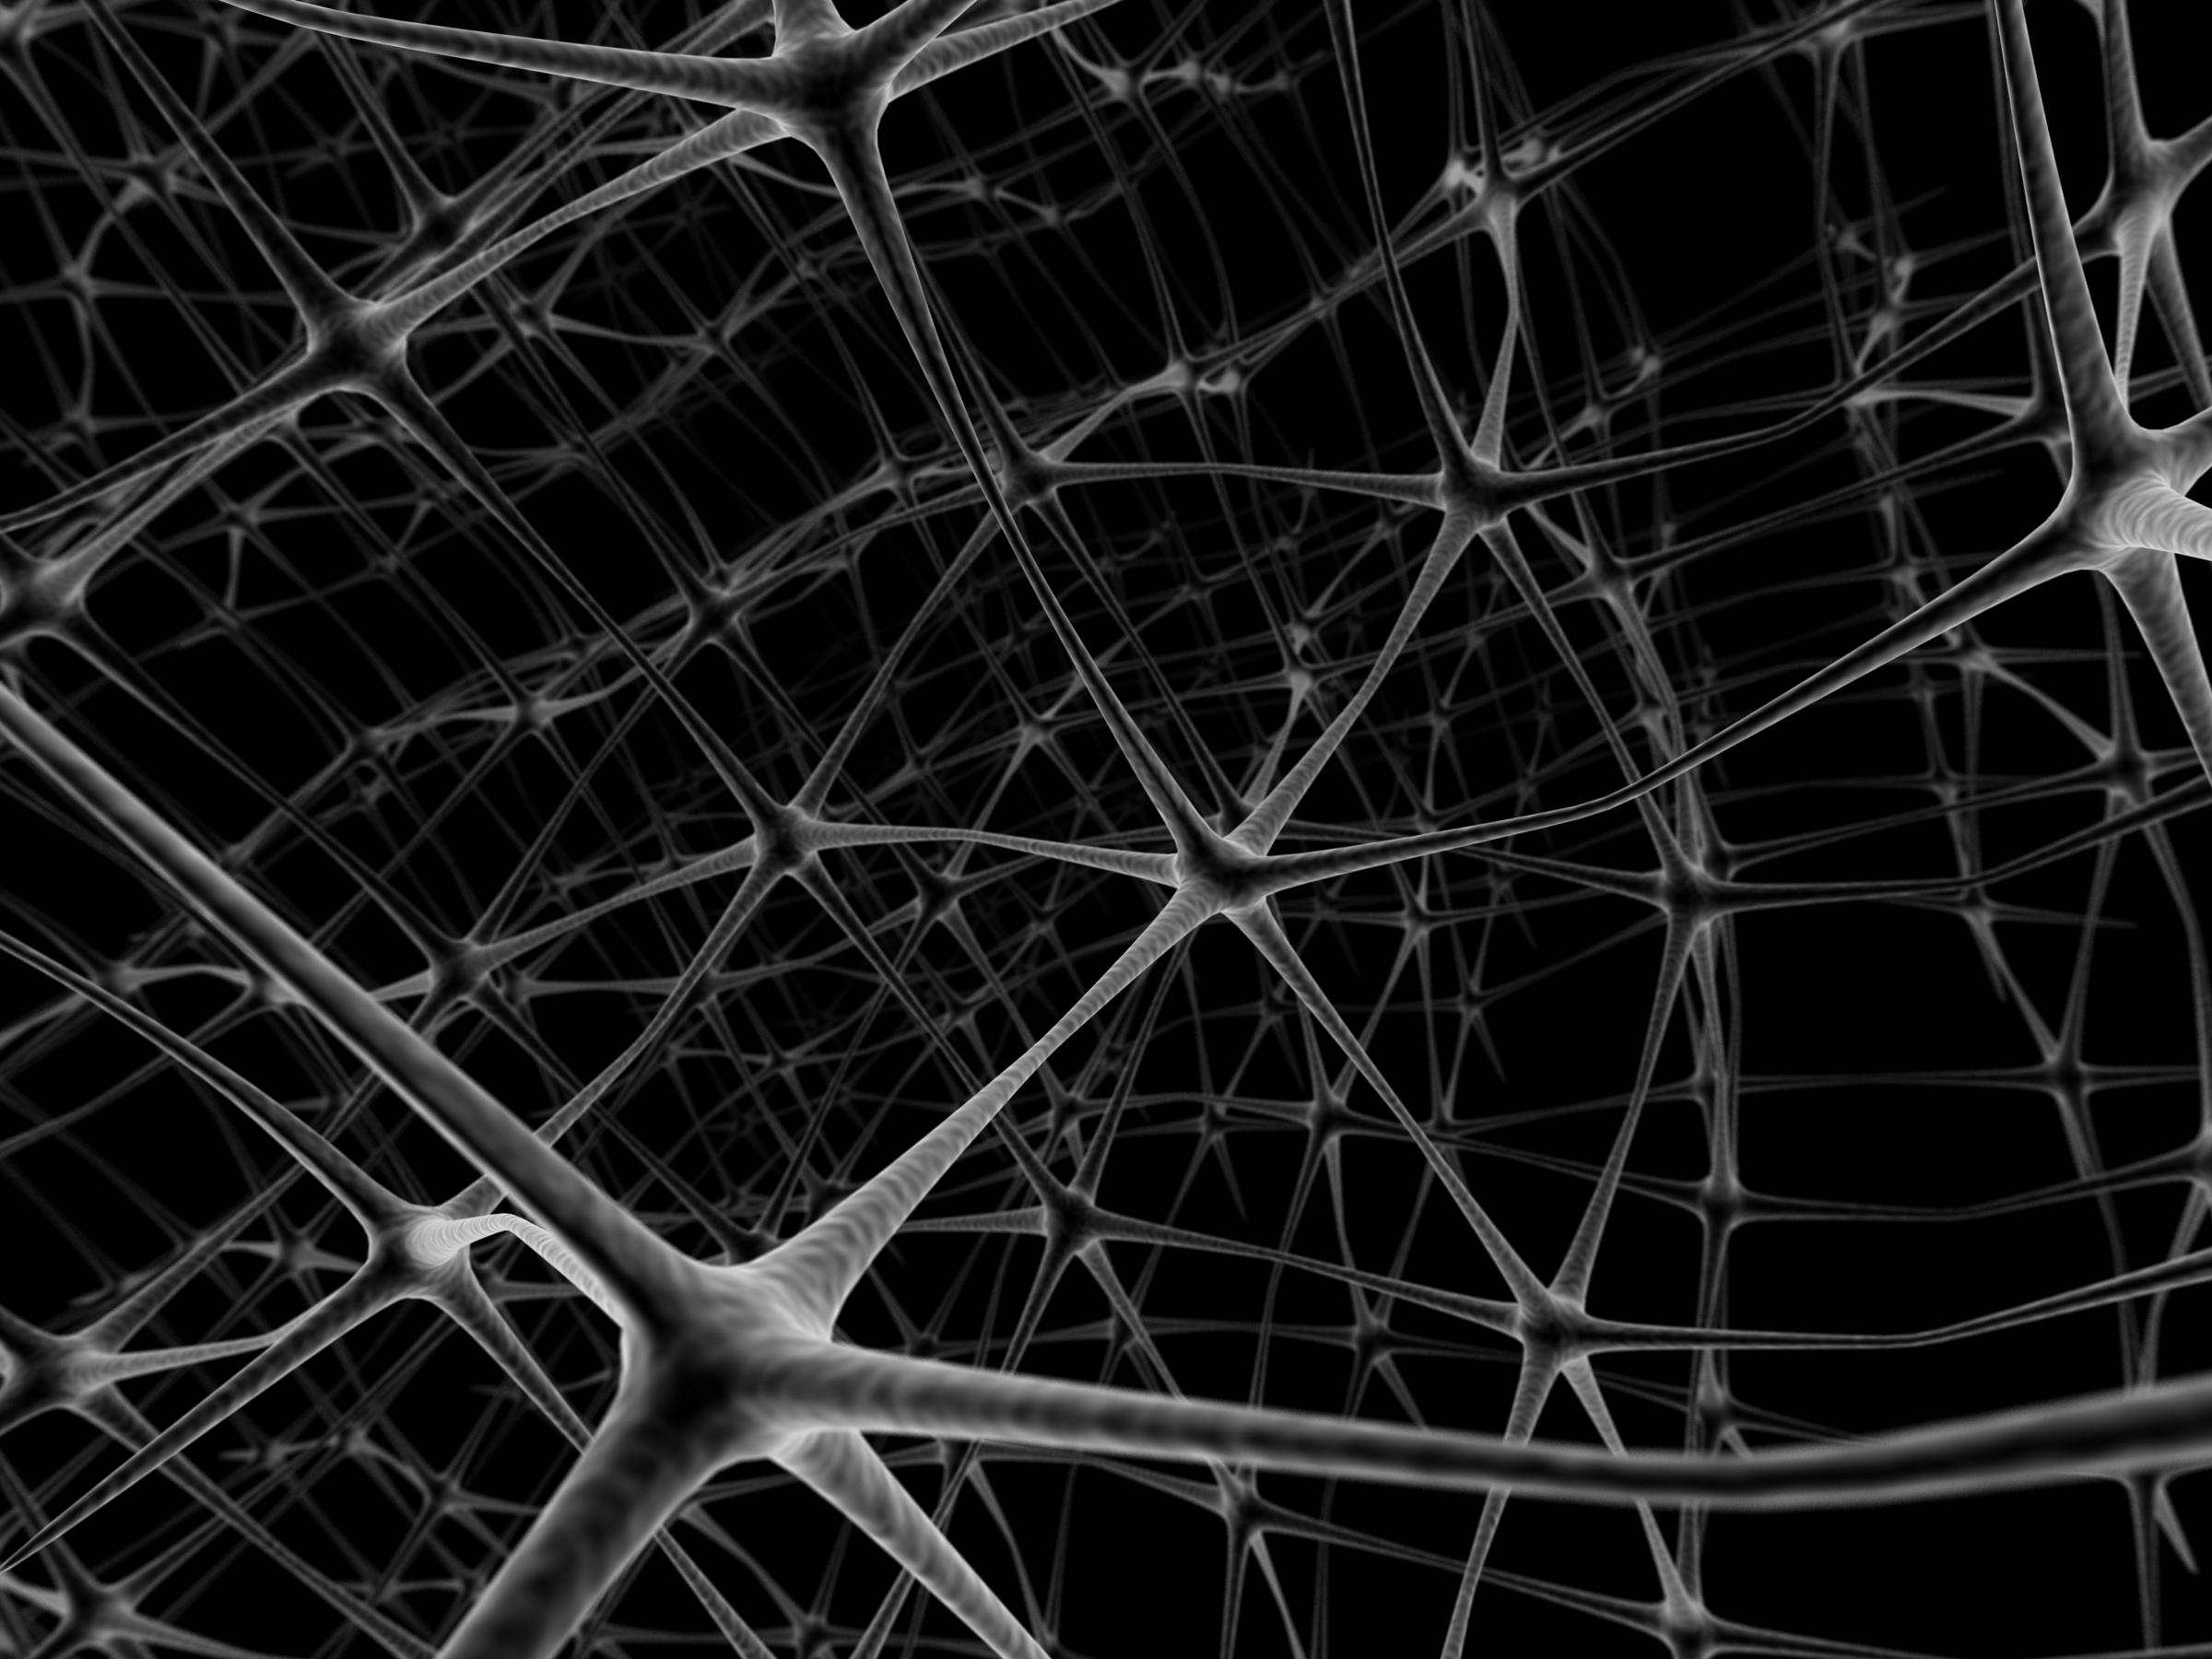 Stolpern – ein Grund zum Neurologen zu gehen?